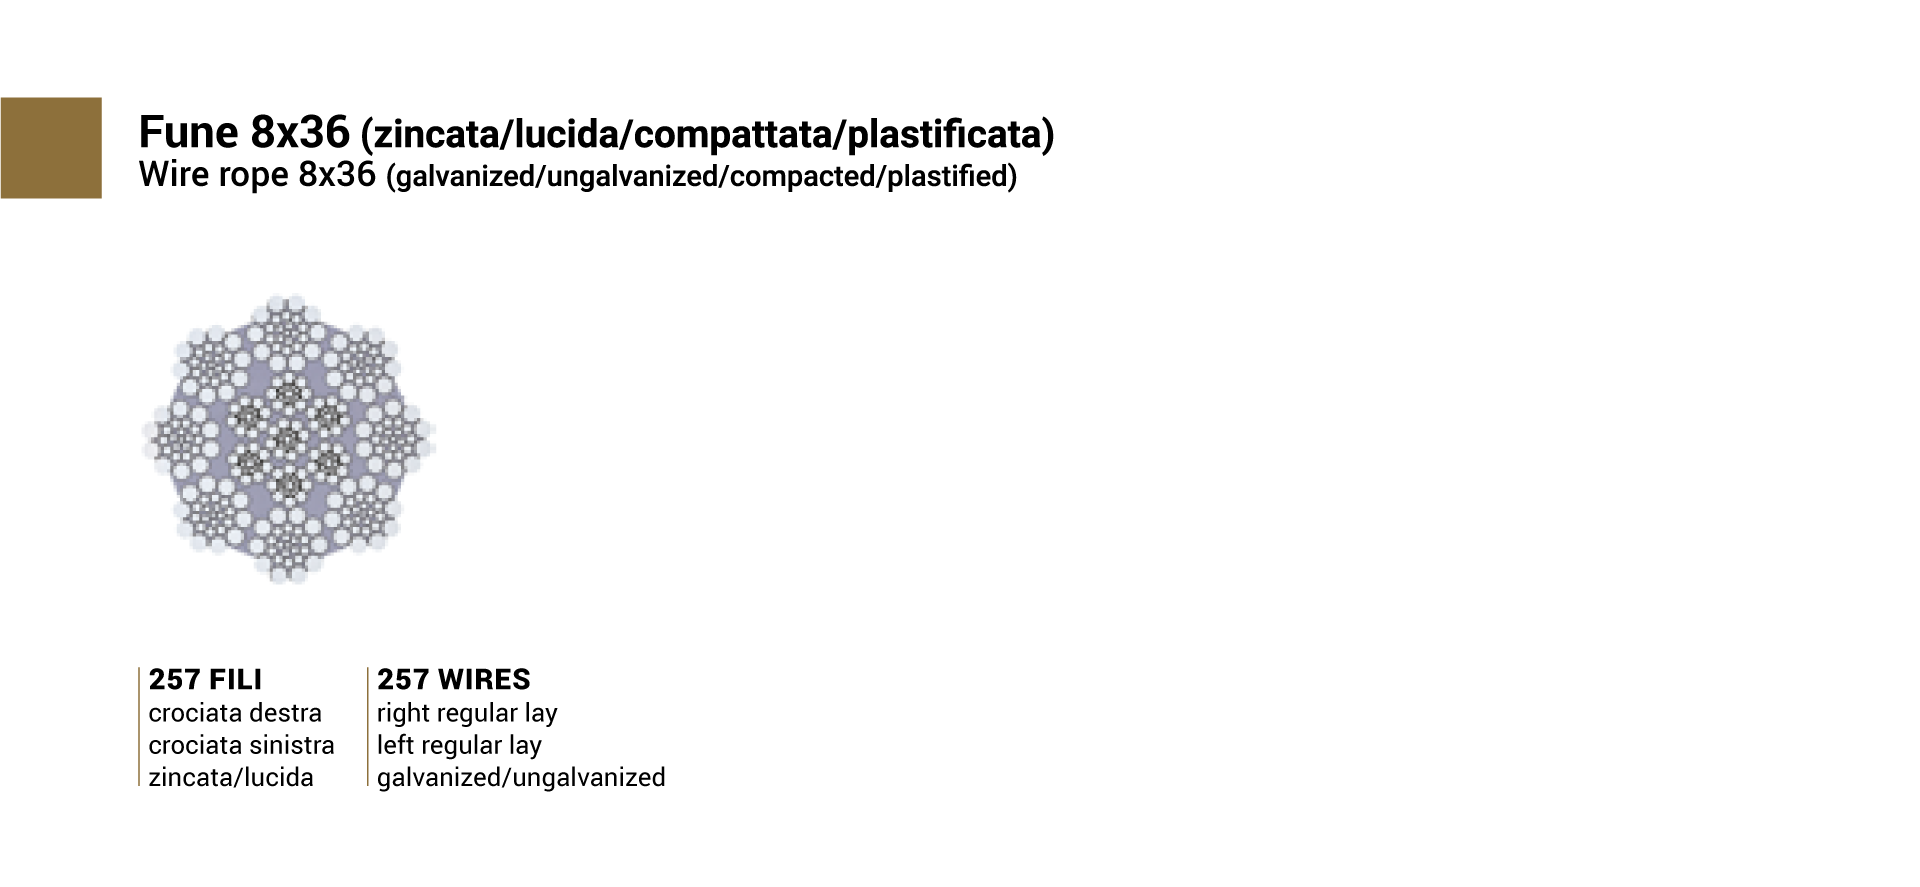 Fune acciaoio 8 trefoli 8x36 (zincata / lucida / compattata / plastificata)